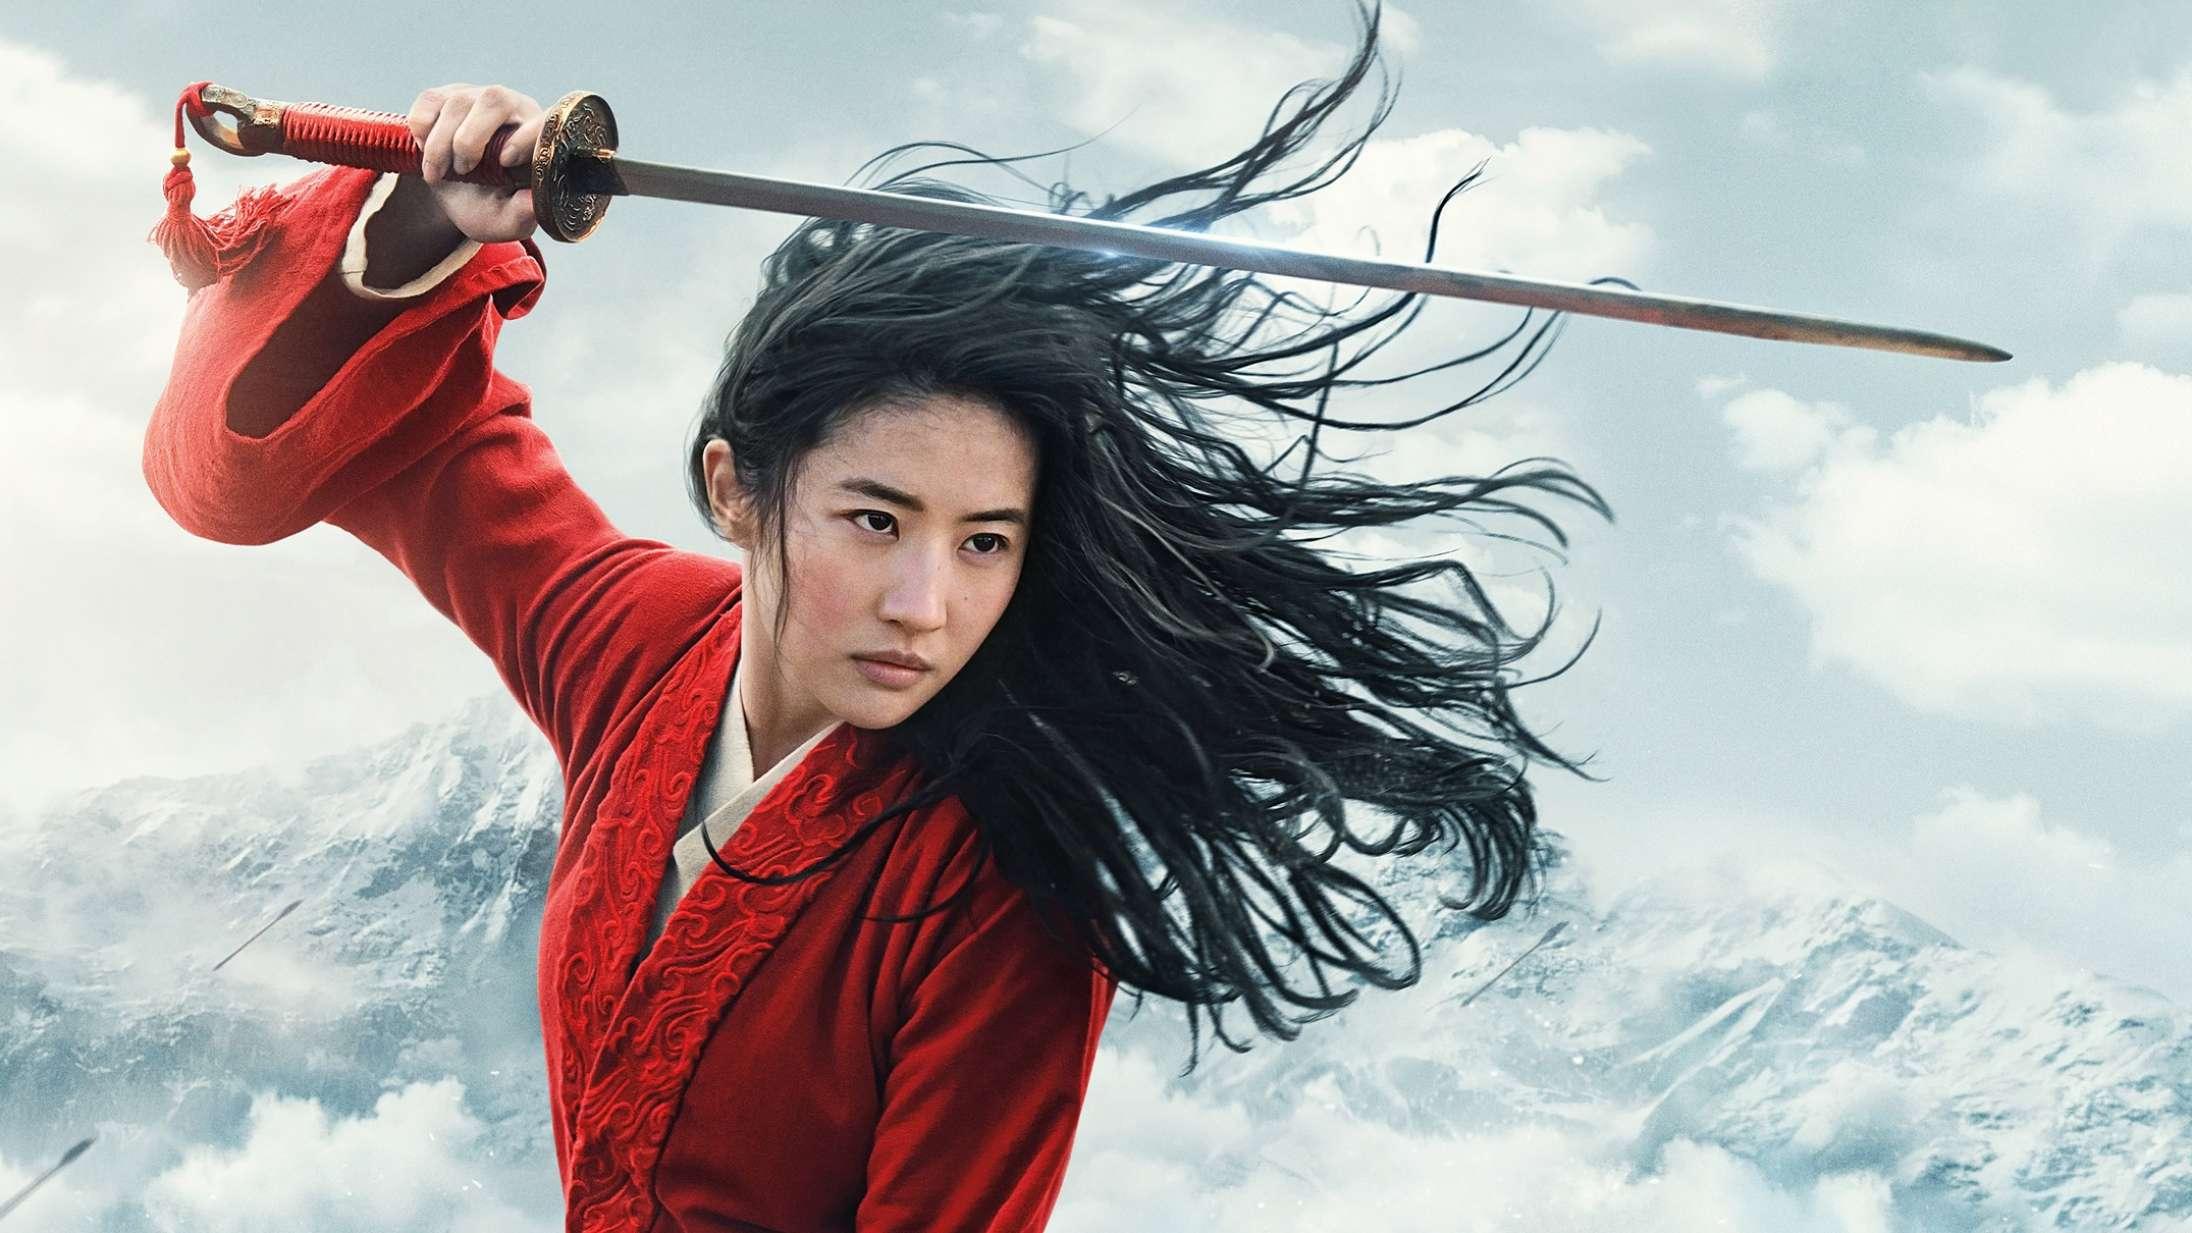 Fra whitewashing til storpolitik: 'Mulan' er blevet Disneys mest kontroversielle film i årtier